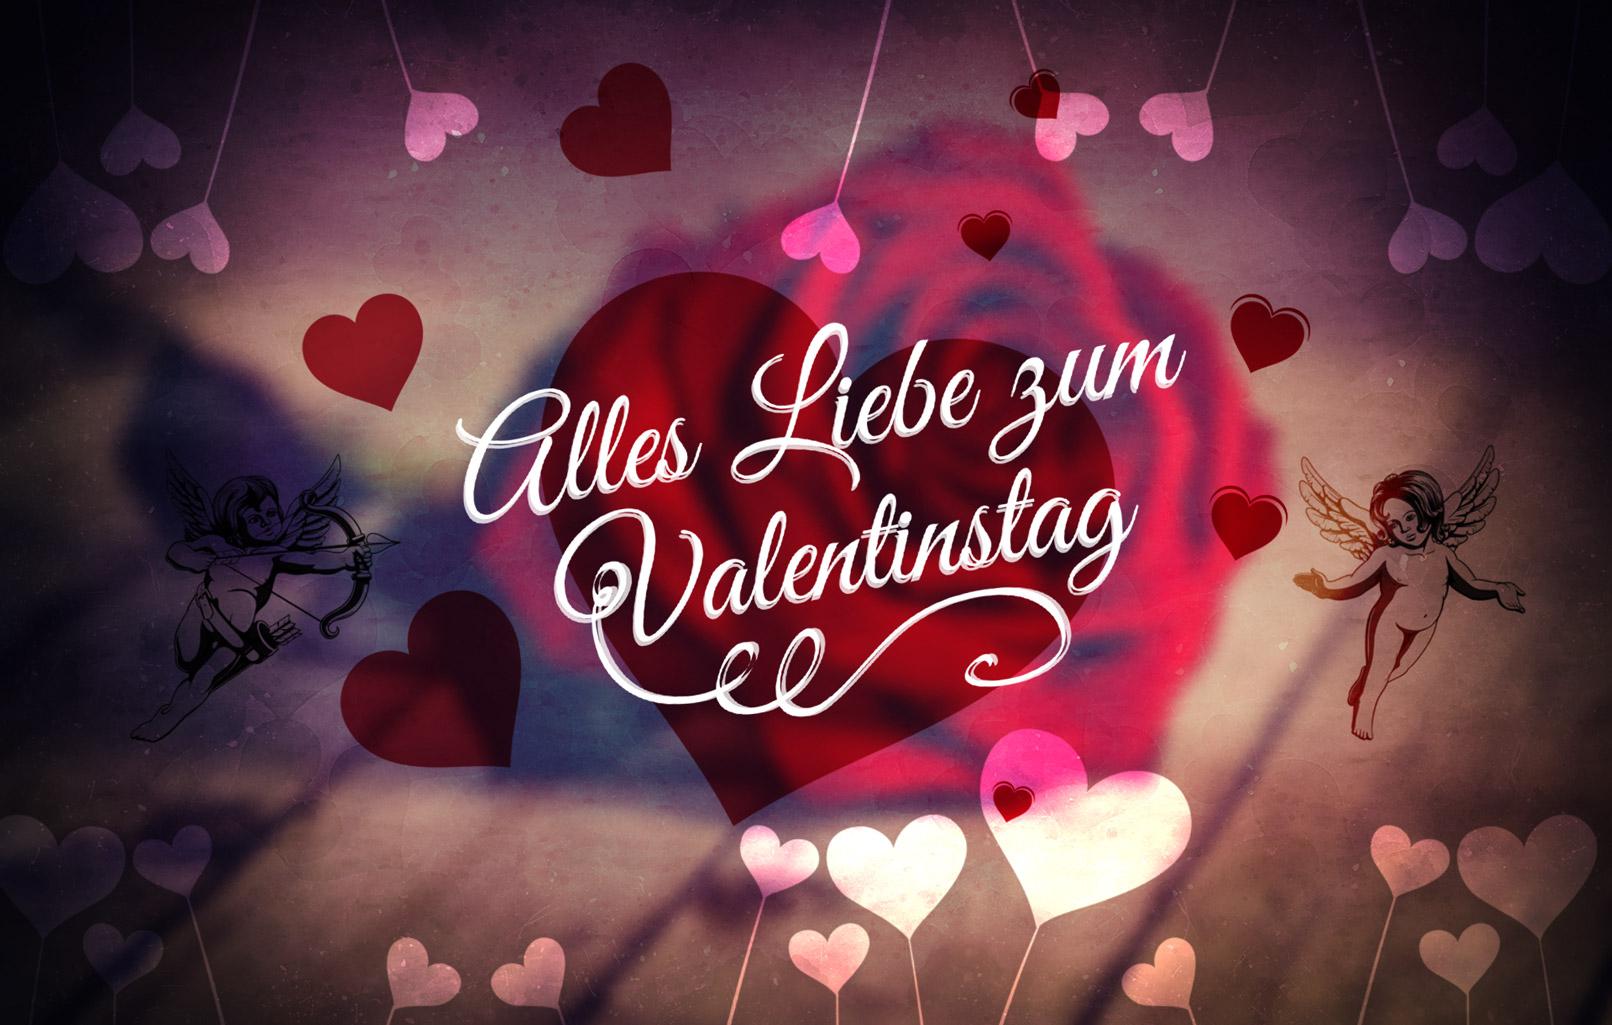 Beispiel zur Anwendung der Pinsel für einen liebevollen Gruß zum Valentinstag.